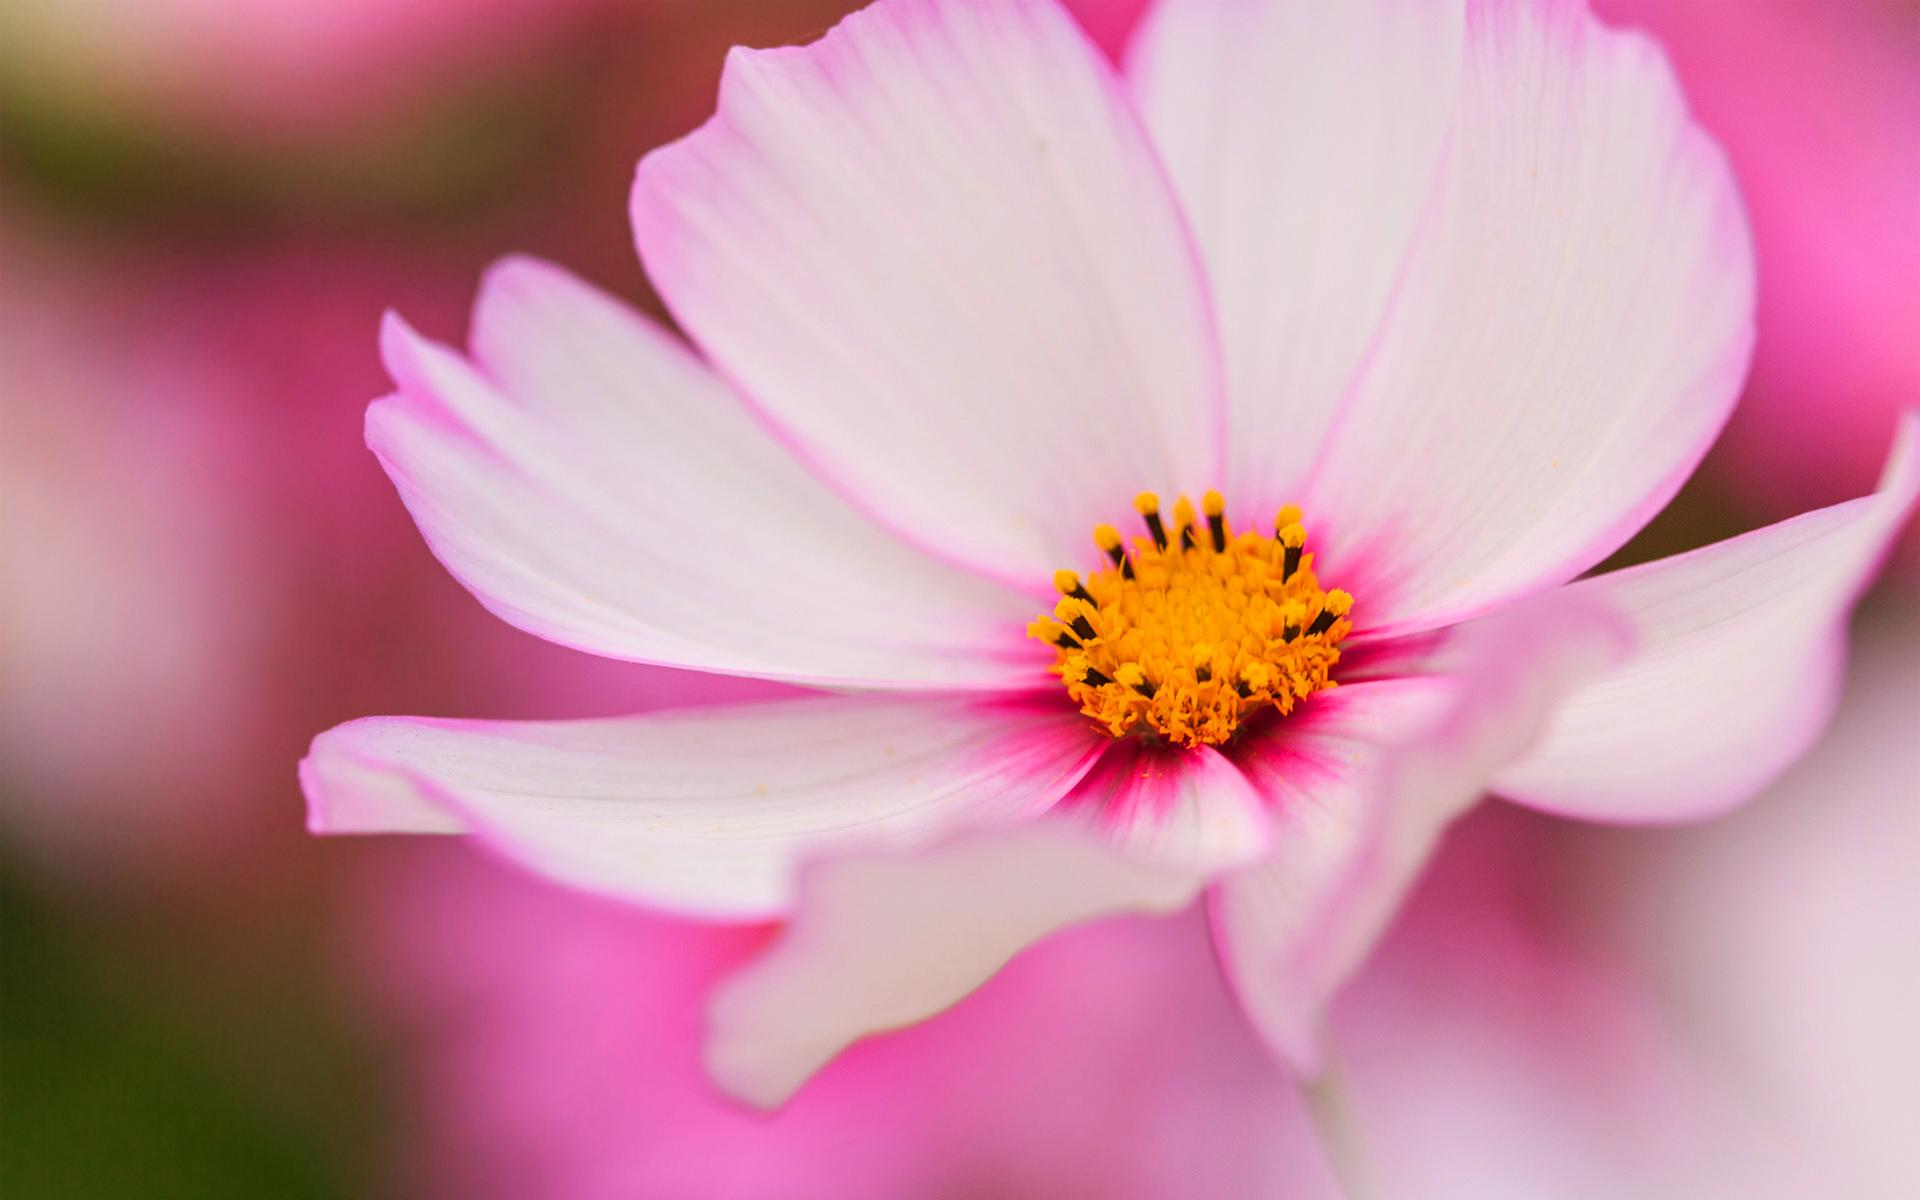 pink cosmea hd flower